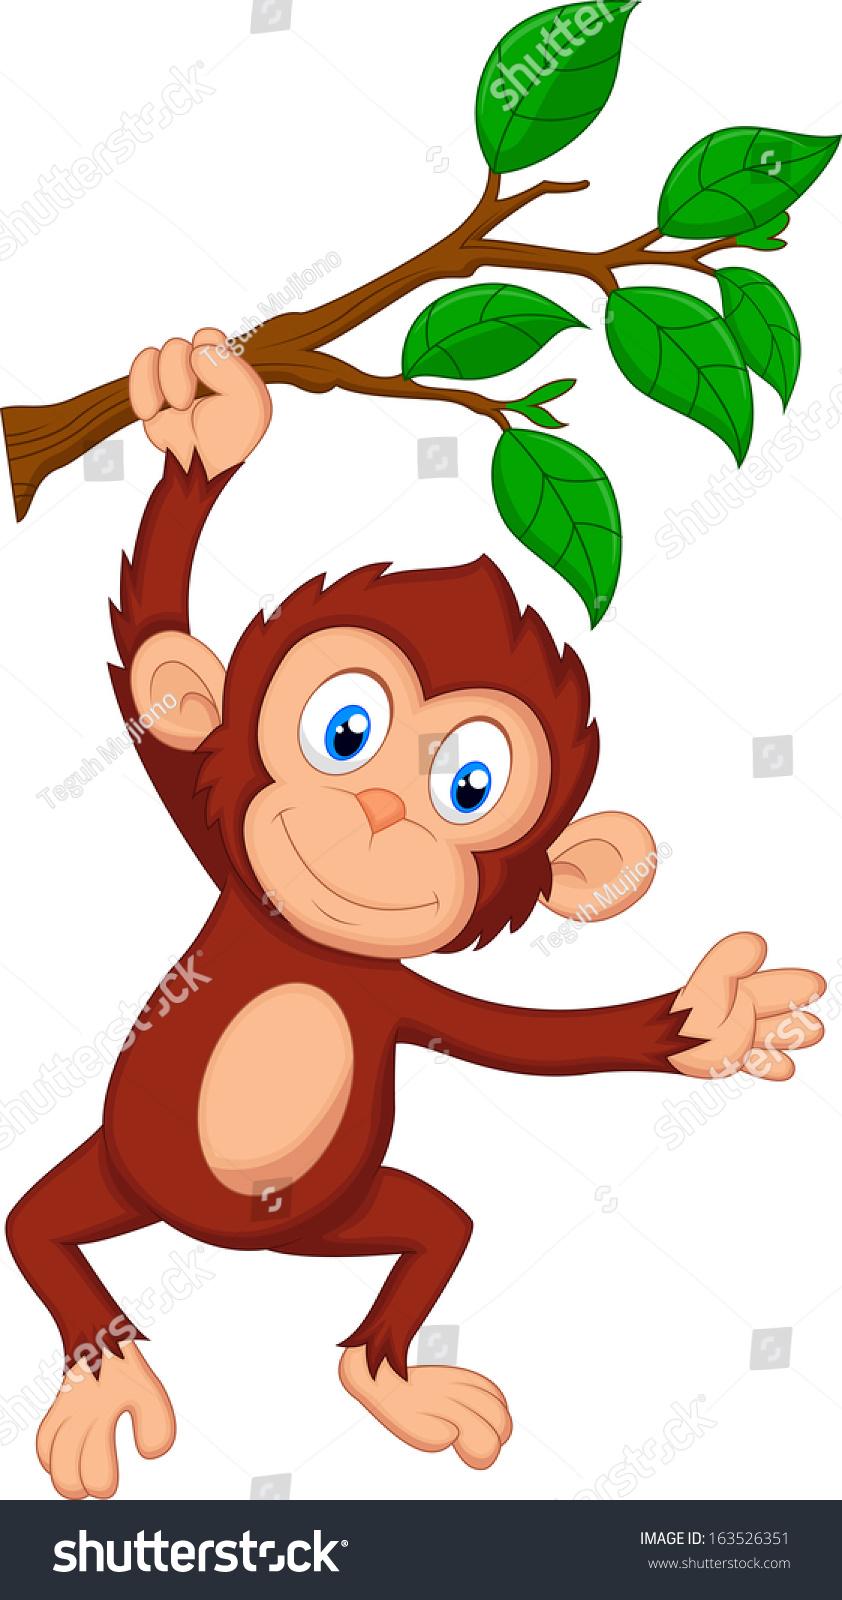 可爱的猴子卡通挂-动物/野生生物-海洛创意(hellorf)